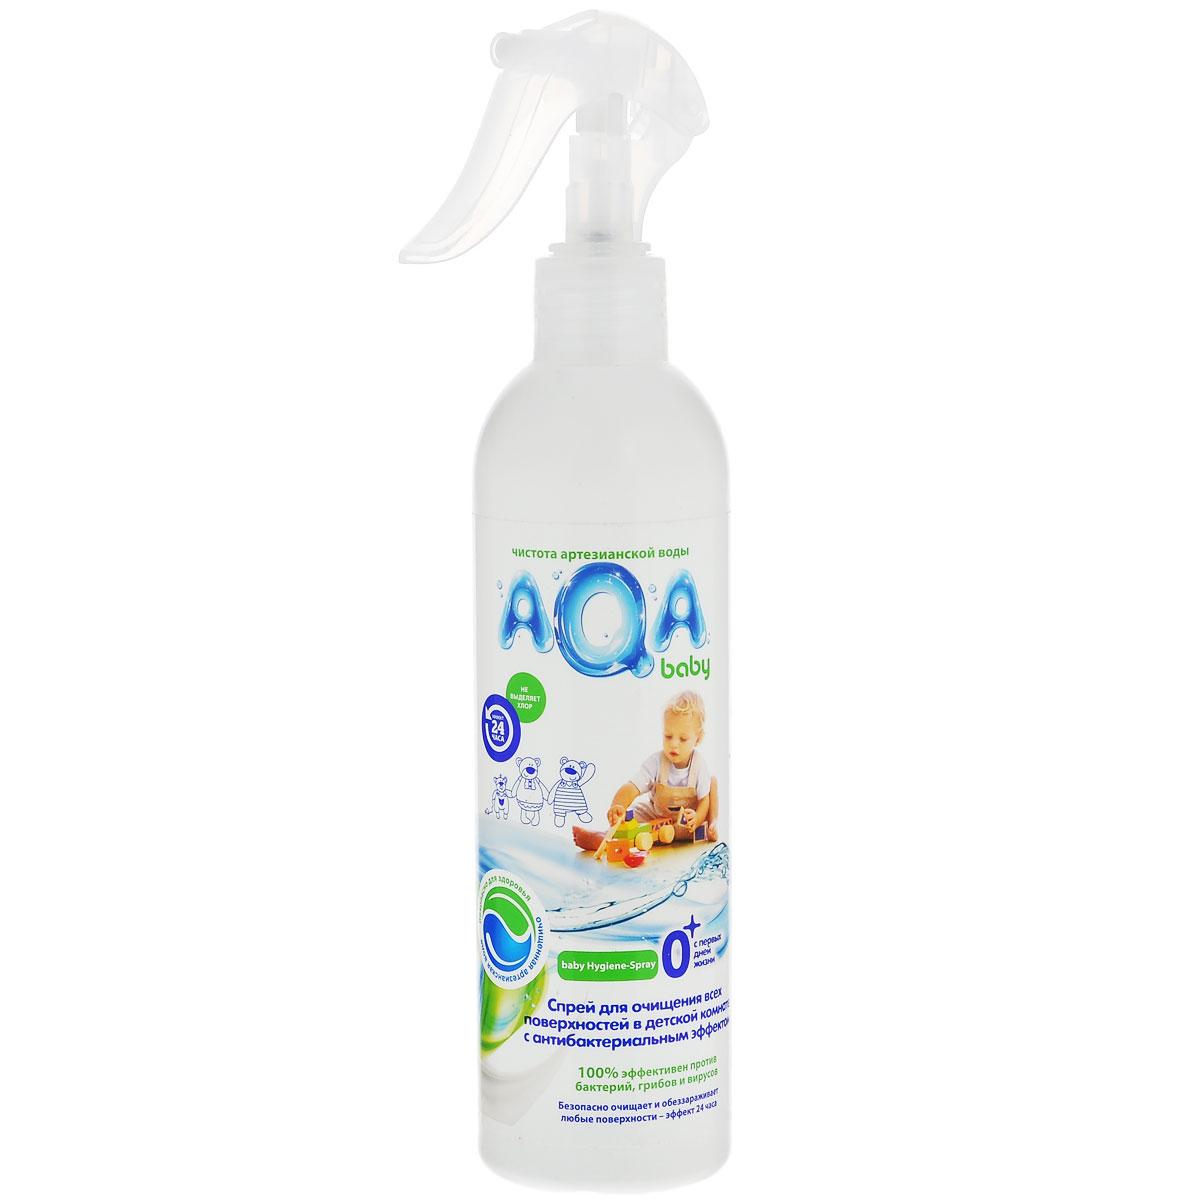 AQA Baby Антибактериальный спрей для очищения всех поверхностей в детской комнате, 300 млBN-21020AQA Baby антибактериальный спрей для очищения всех поверхностей в детской комнате. Инновация в области безопасных средств для уборки в детской комнате: очищает и обеззараживает любые поверхности в детской комнате, предметы, в том числе детские игрушки, горшки и т.д., устраняет неприятные запахи, разрушая их, а не маскируя,без хлора, красителей и оптических осветлителей. Безопасно для малыша и мамы, домашних питомцев и окружающей среды: не остается на поверхностяхна основе возобновляемого природного сырьяне нужно смывать водойЭффективность подтверждена тестами в соответствии со стандартом США AATCC 100-1998. Эффект 24 часа: Бактерицидный: удаляет вредные бактерии (эффективен как против грам-положительных, так и грам-отрицательных бактерий) Антибактериальный: блокирует рост и размножение микроорганизмов (в том числе грибов) Используется AQA Baby антибактериальный спрей для протирания игрушек, стульчиков/столиков для кормления, горшков или туалетных сидений, а также любой детской мебели и прочих предметов. Не оказывает разрушающего влияния на обрабатываемые поверхности. Не сушит кожу рук.Состав: >30% вода, <5%неионогенное ПАВ, <5% анионное ПАВ, солюбилизатор, консервант, отдушка. Дезинфицирующее вещество: <5% годроксидихлордифениловый эфир.